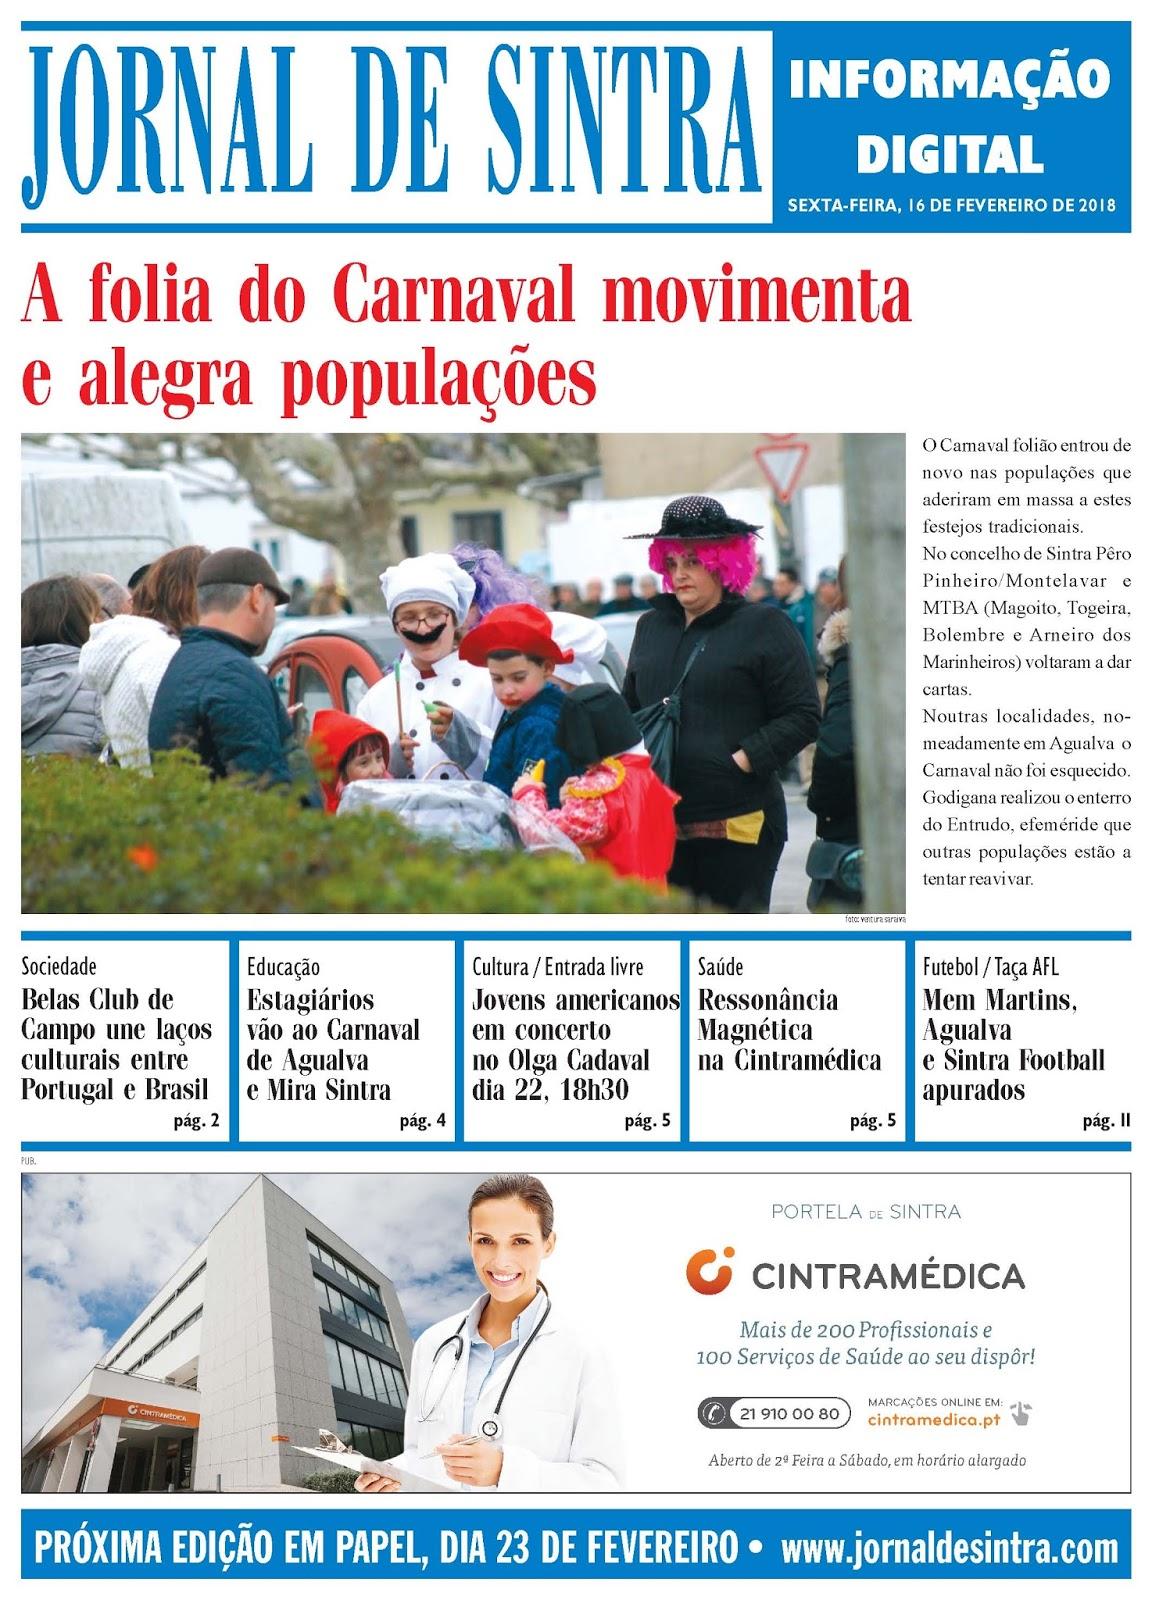 Capa da edição de 16-02-2018